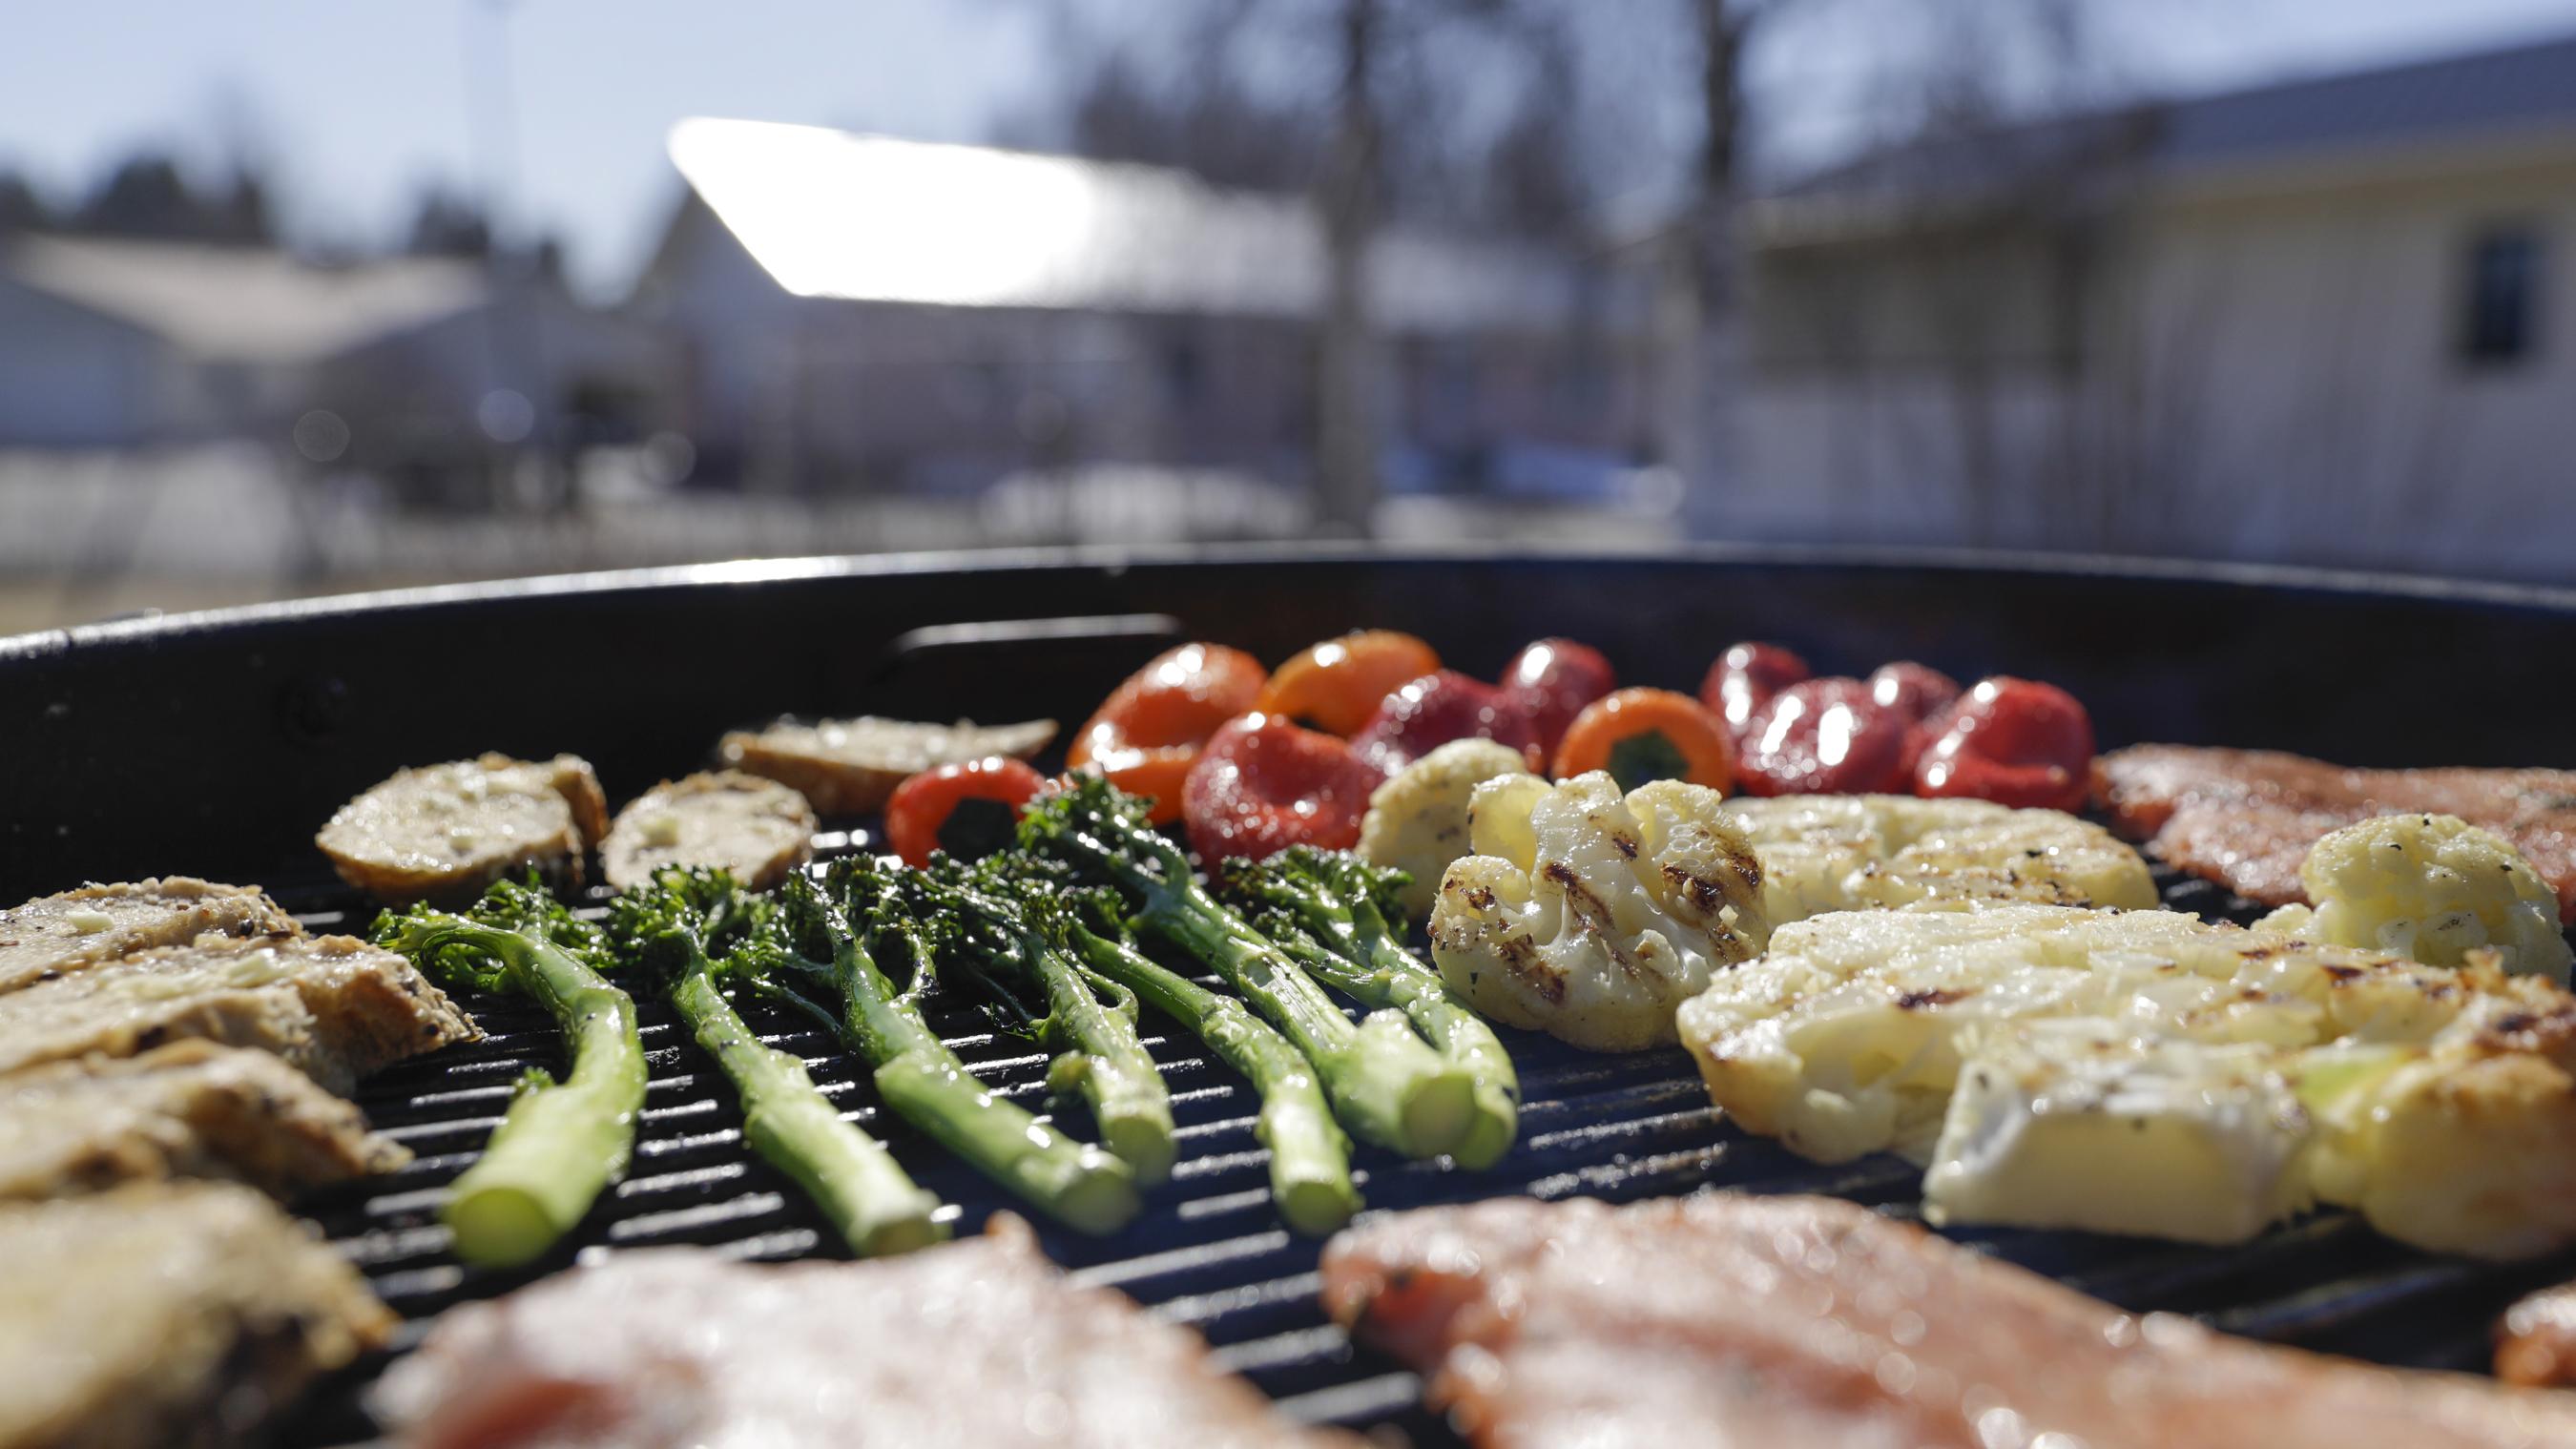 Grillit kuumana – Herra Snellmanin vinkkien avulla tuunaat kesäisen kattauksesi juhlakuntoon loistavilla lisukkeilla 1